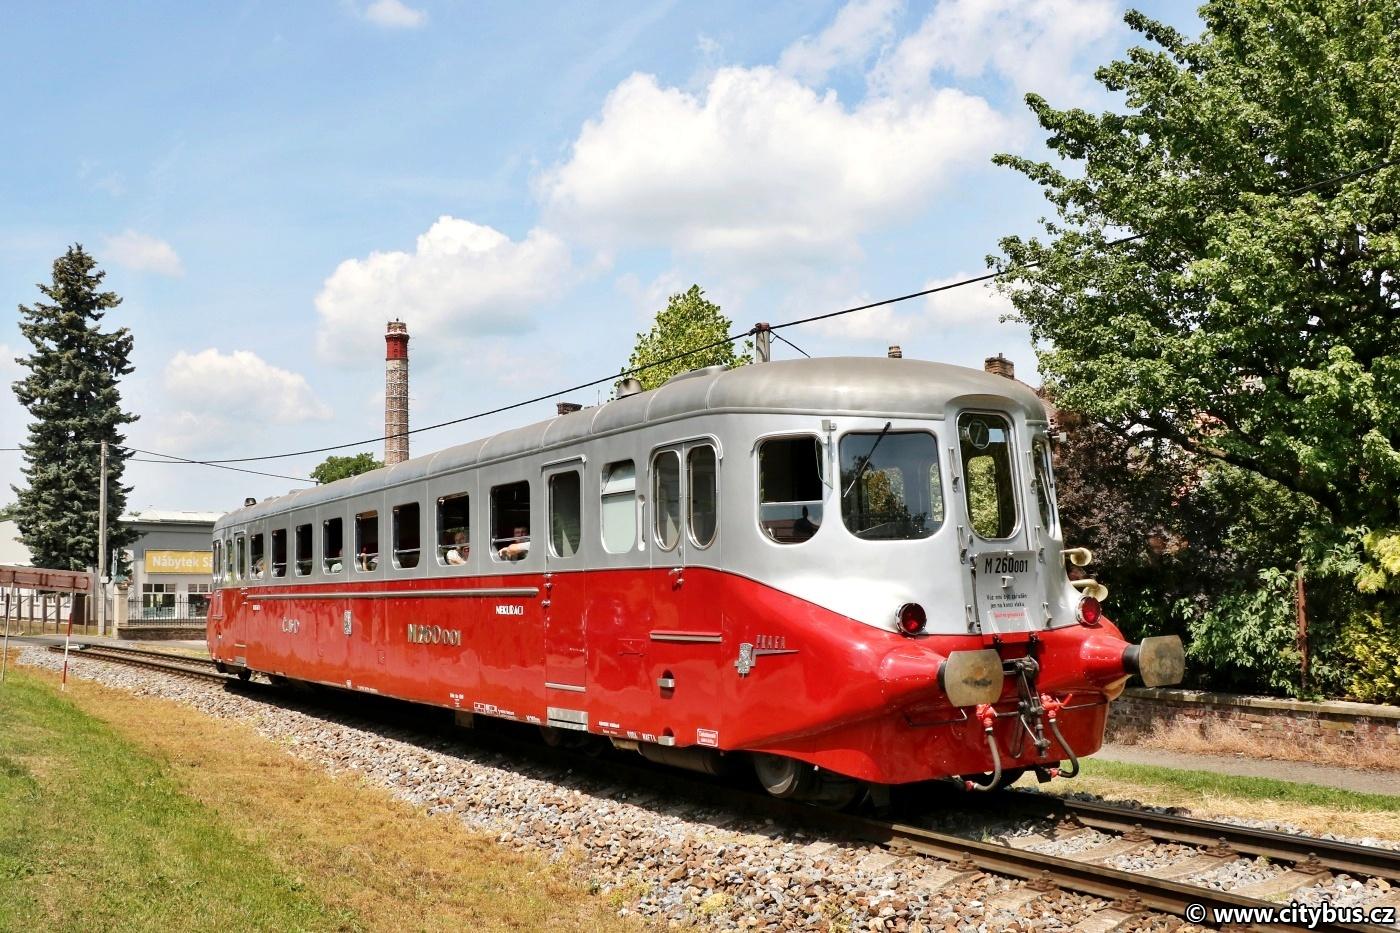 Vozni red vlakova online dating